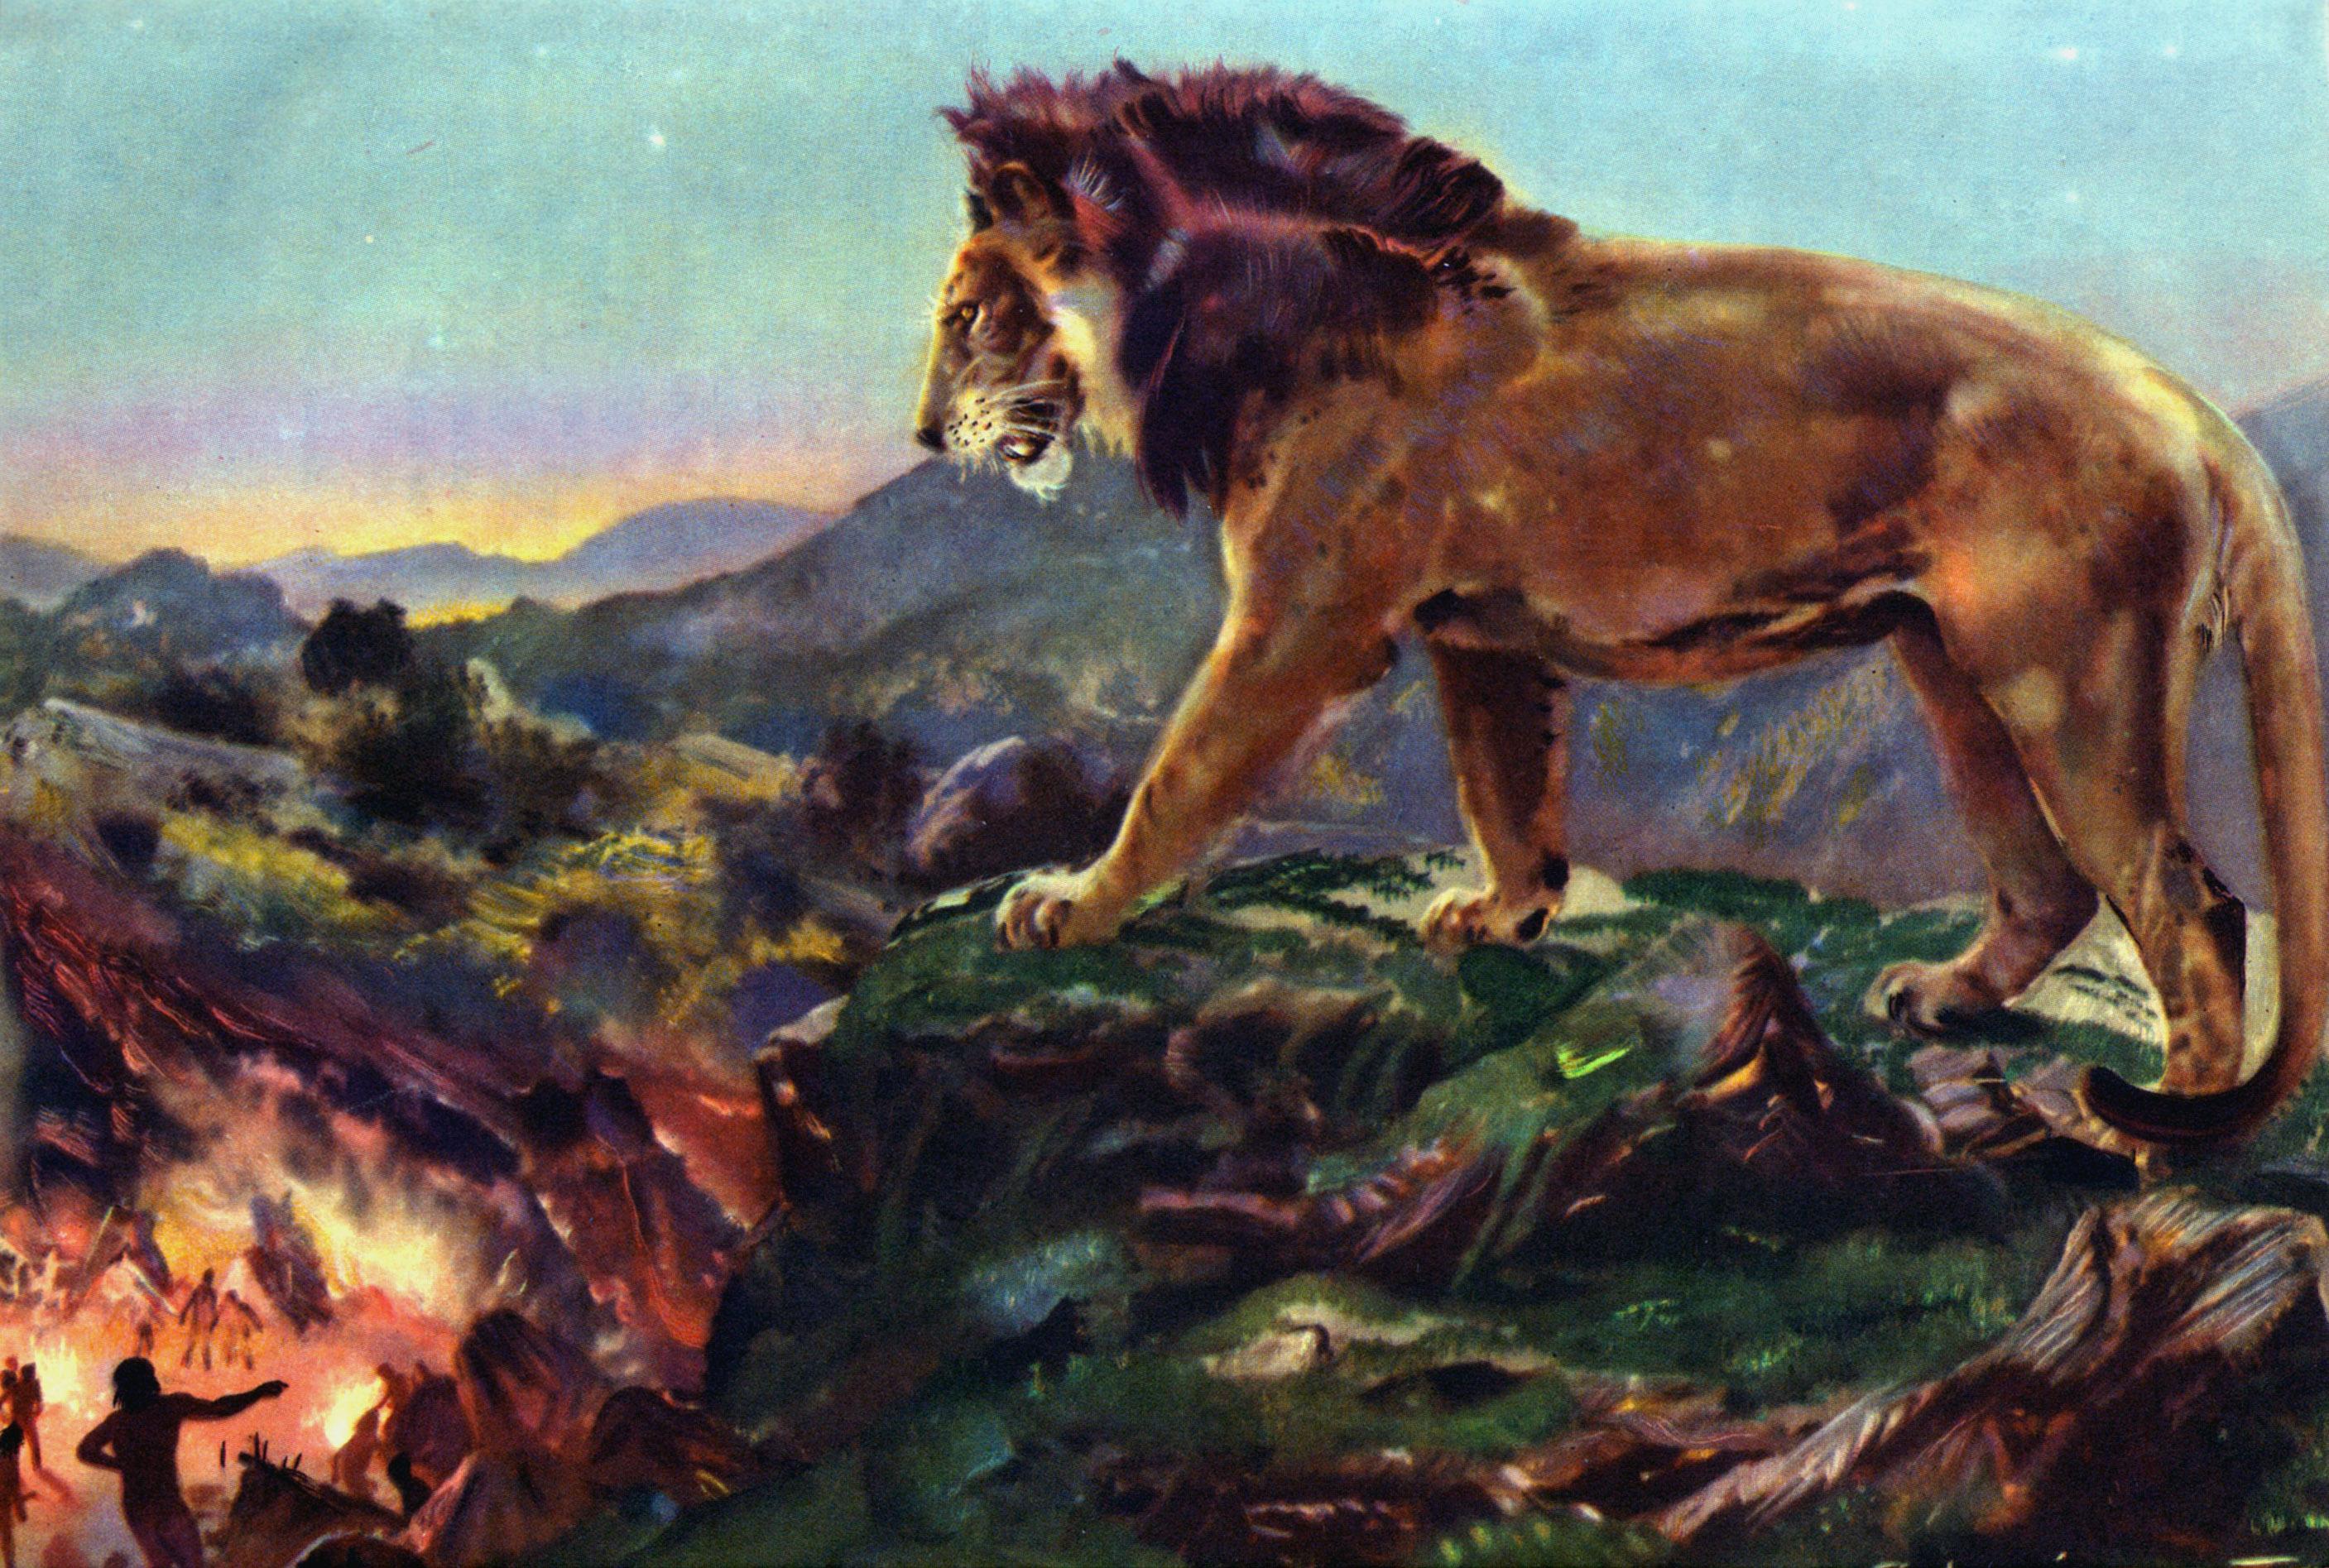 Achtergronden Zdenek Burian Leeuwen Lion overlooking camp Dieren Oude dieren 2814x1895 leeuw een dier